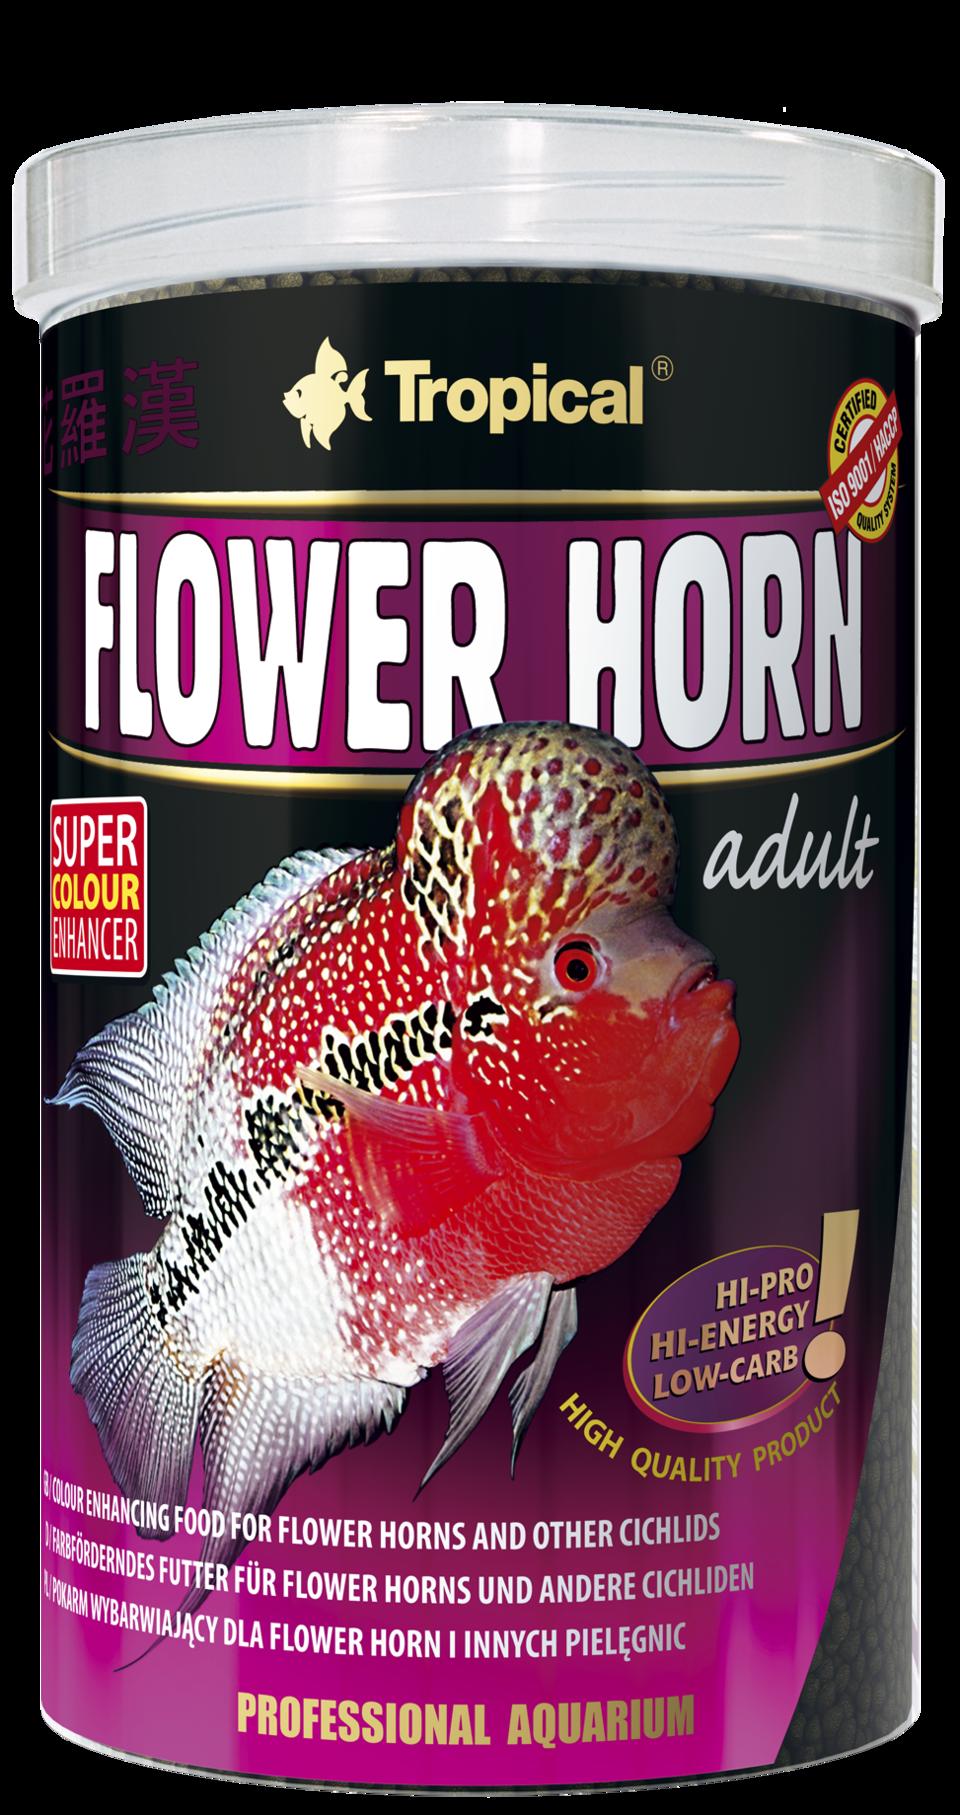 csm_flower-horn-adult_1000_b951ca5d9b